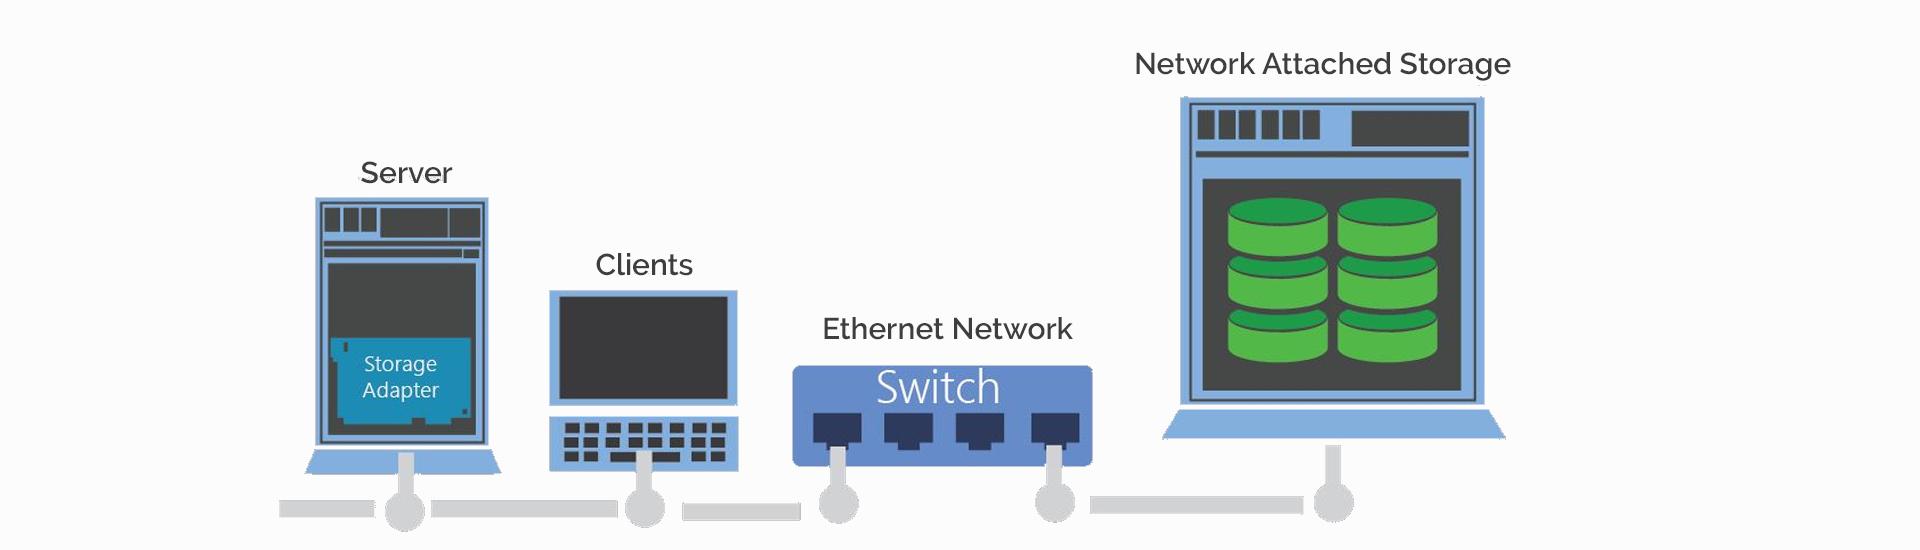 NAS Storage in Surat Gujarat - Network Attached Storage